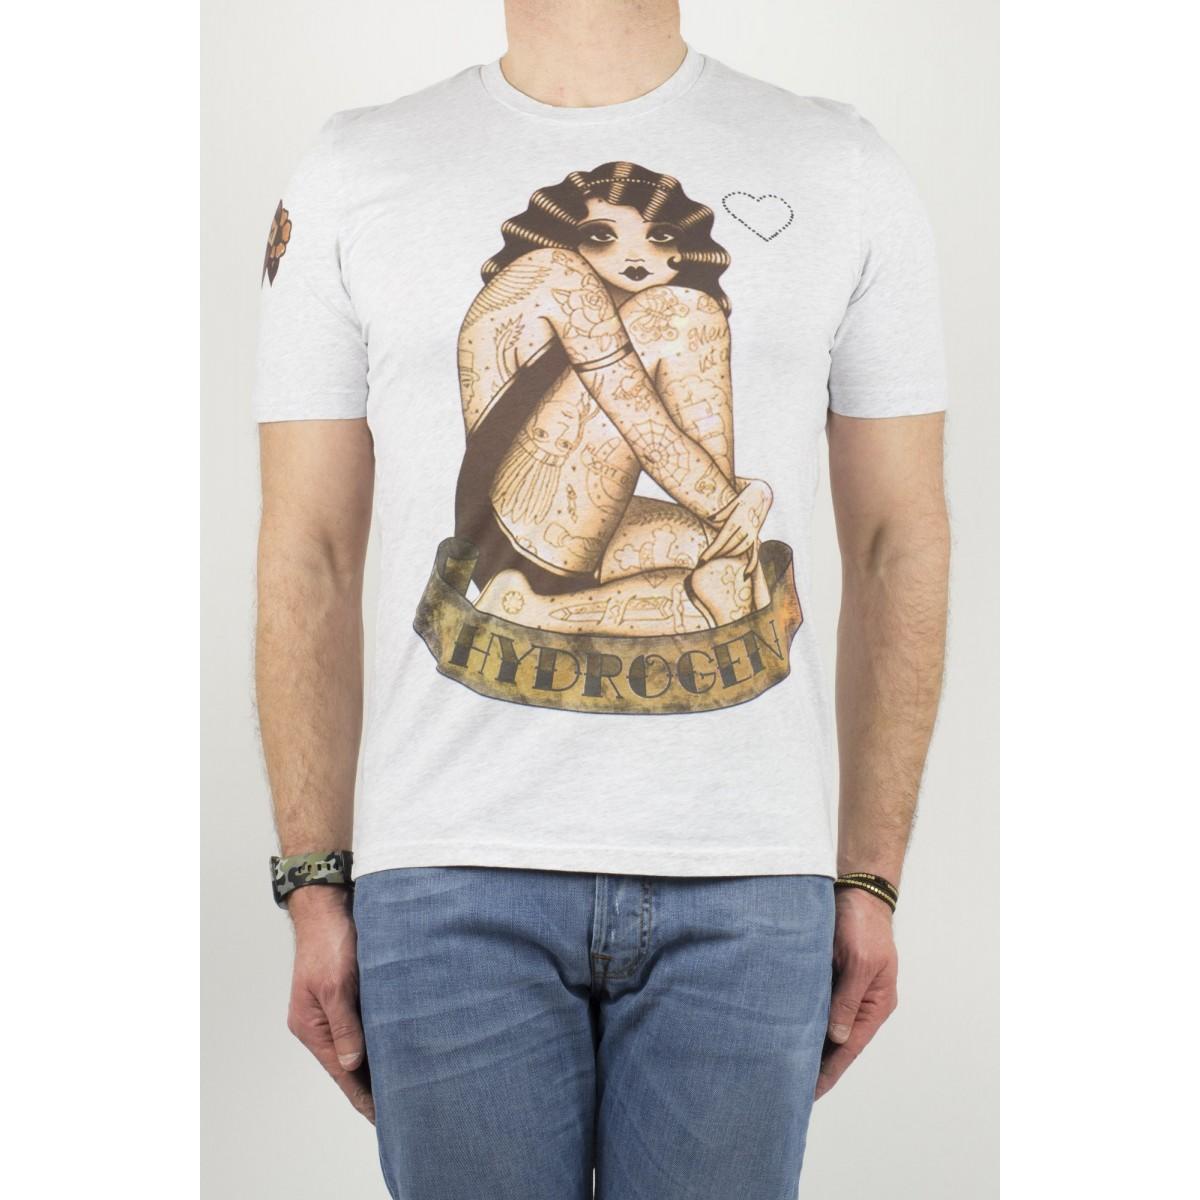 T-Shirt Hydrogen man - 140101 015